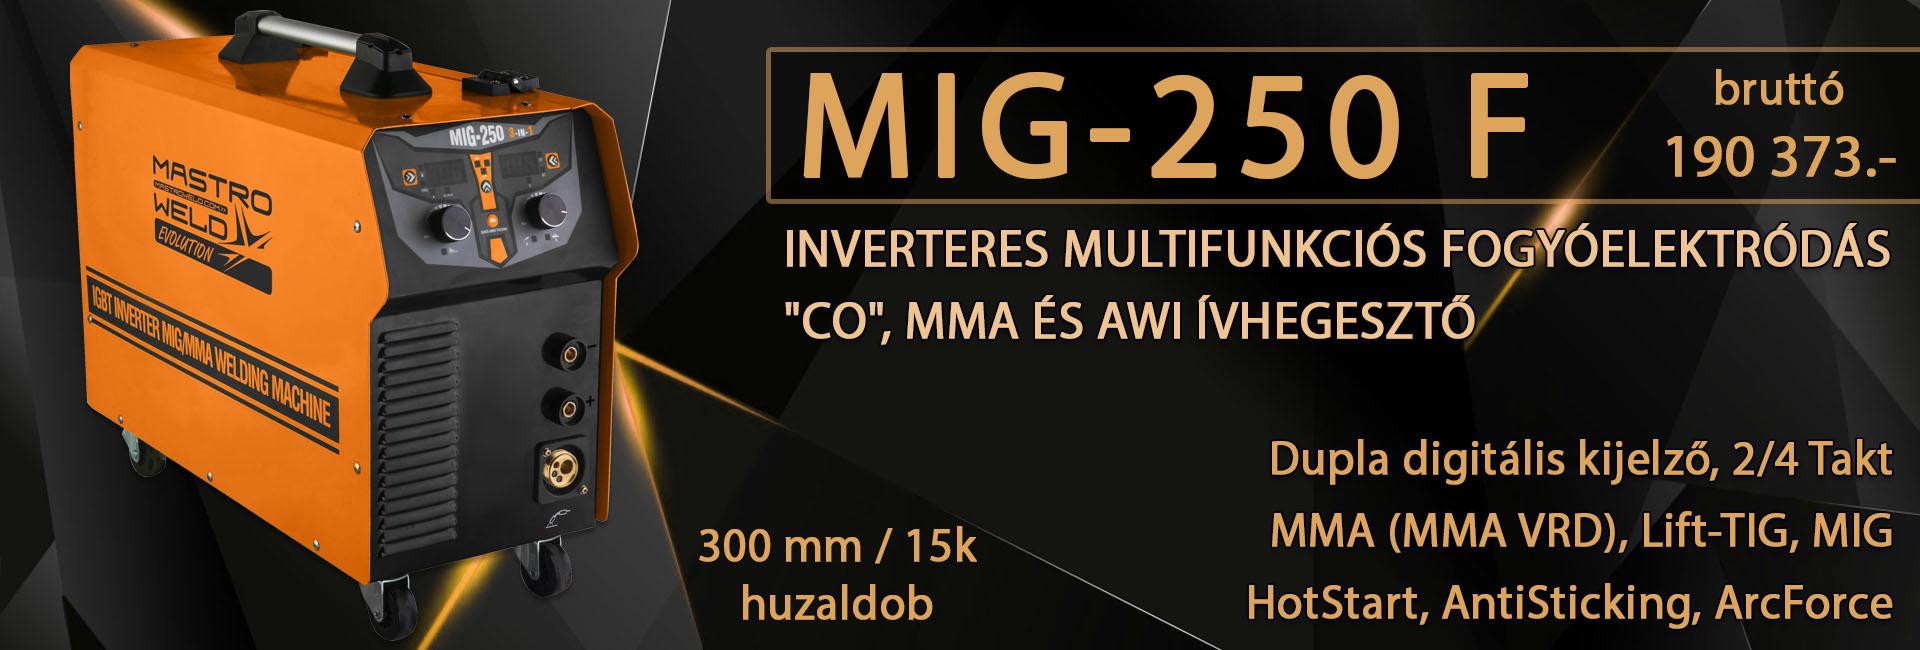 MIG-250 F